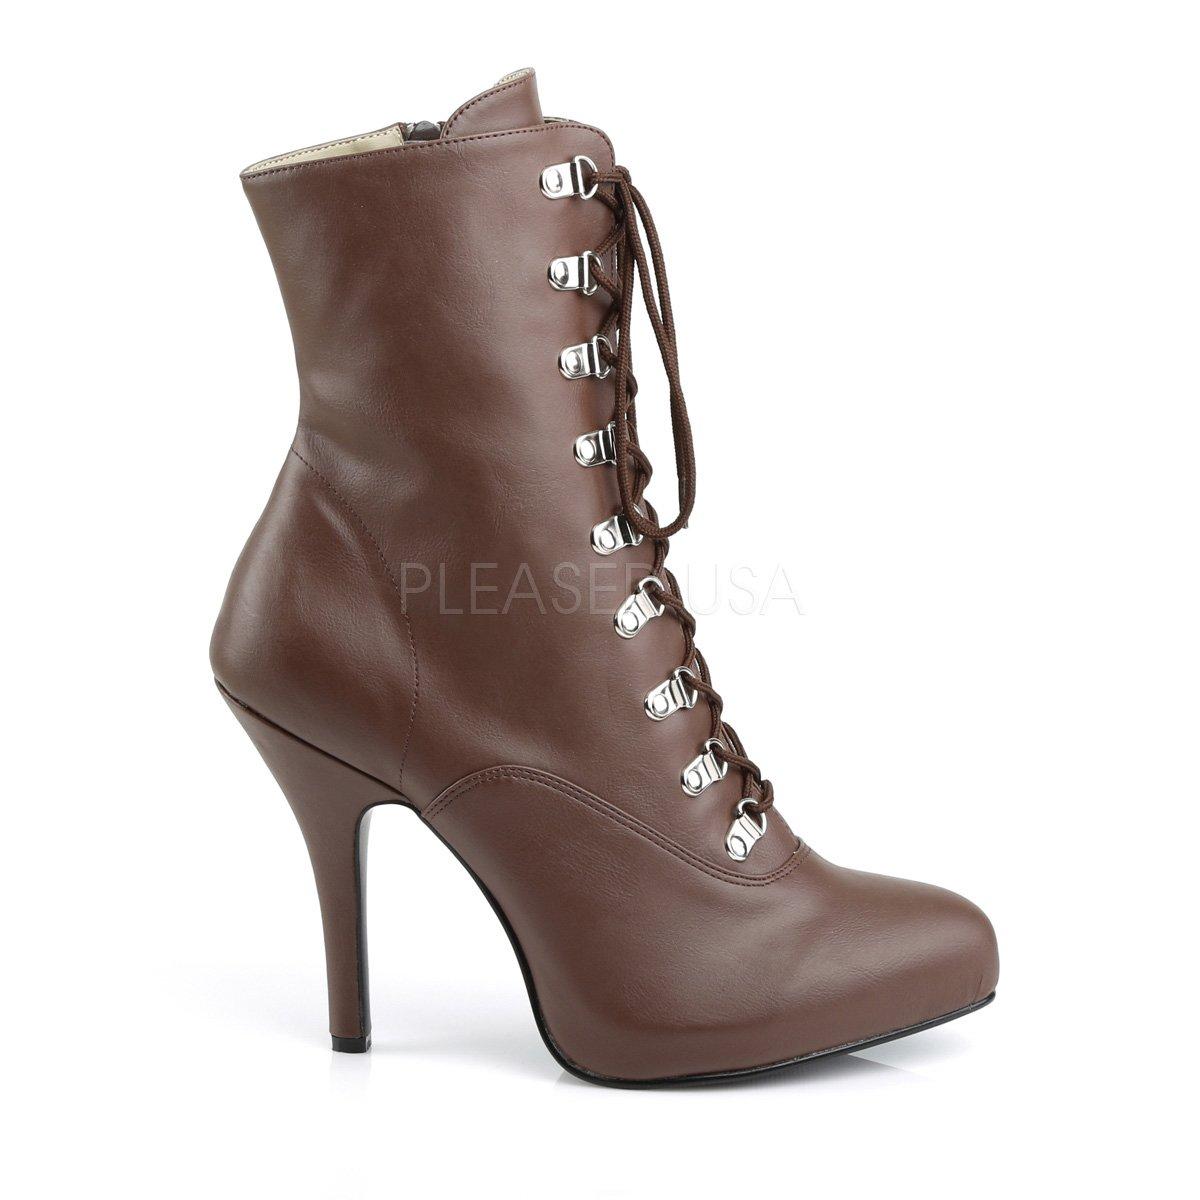 Higher-Heels Rosa Label Extra Größe Schnür Stiefelies Stiefel Eve-106 braun Übergrößen Übergrößen braun 579df3